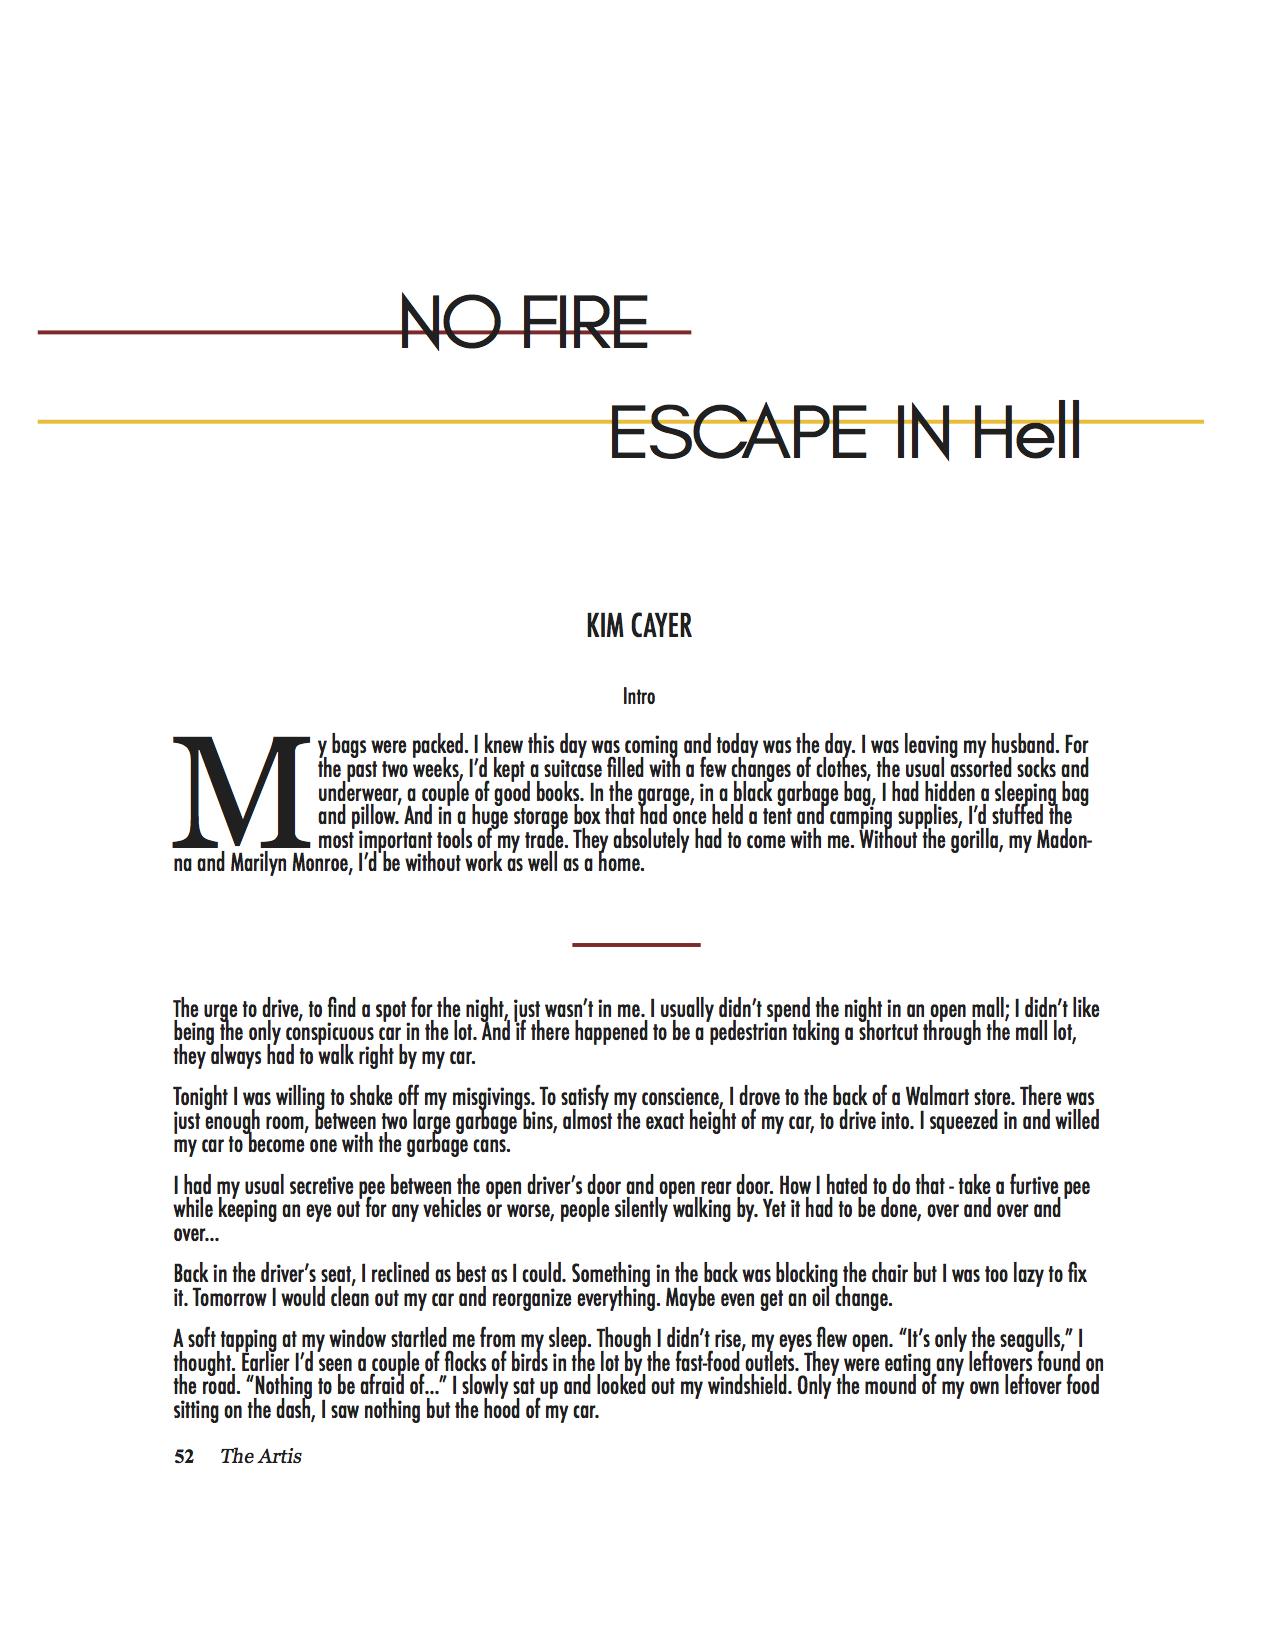 Artis 3 Kim Cayer page 1 no fire escape.jpg